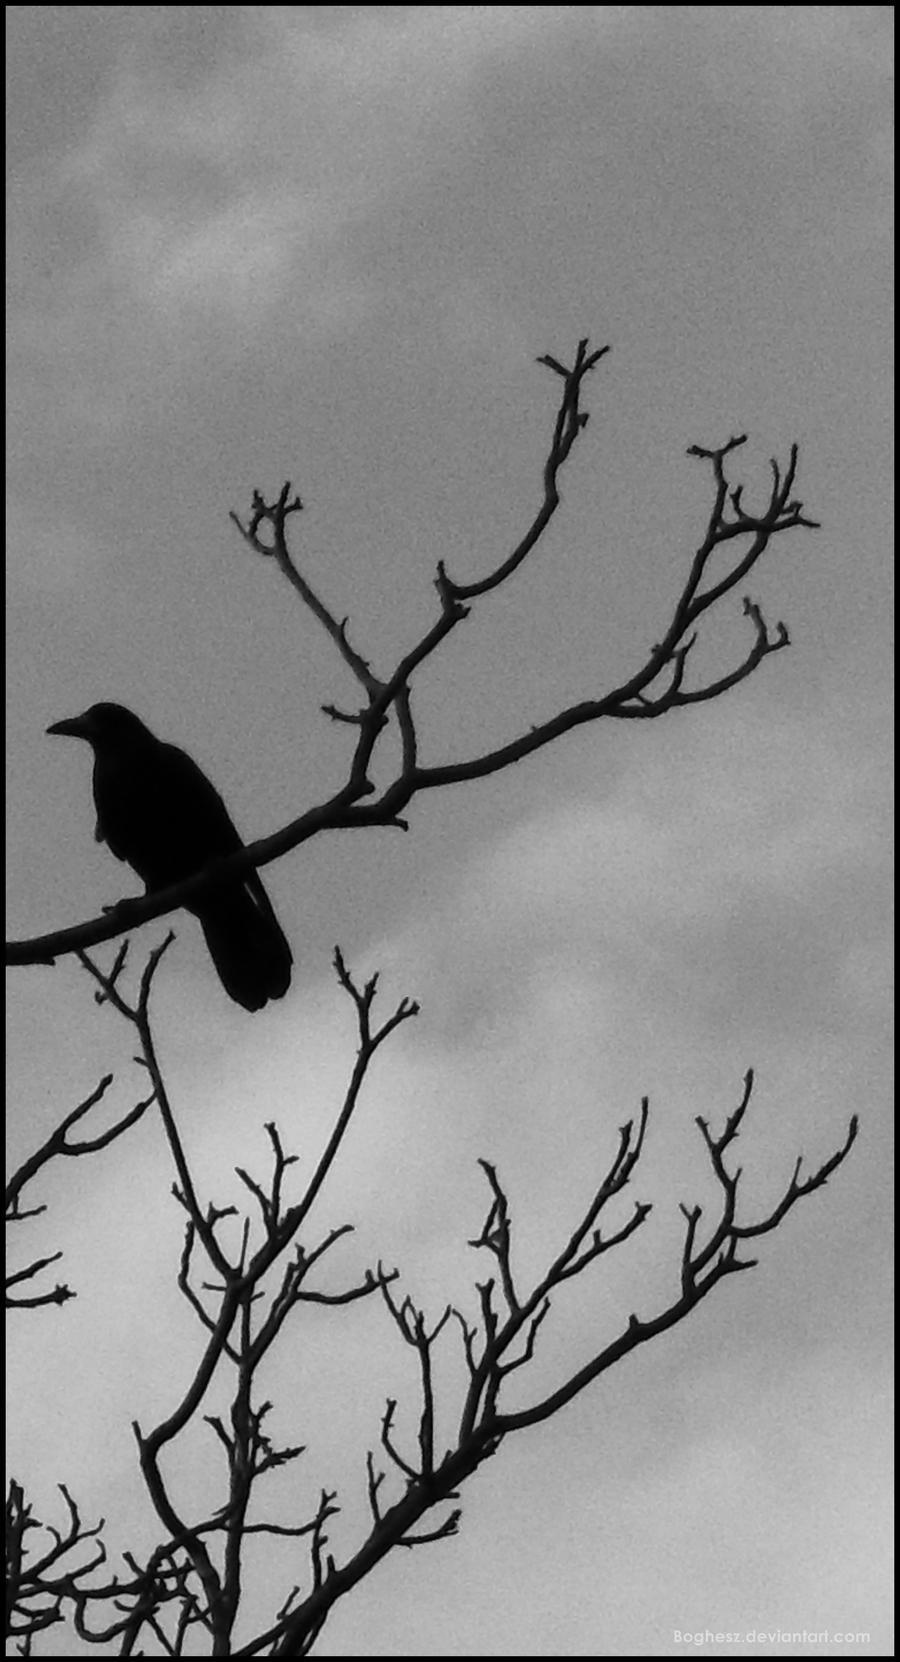 the watcher by Boghesz